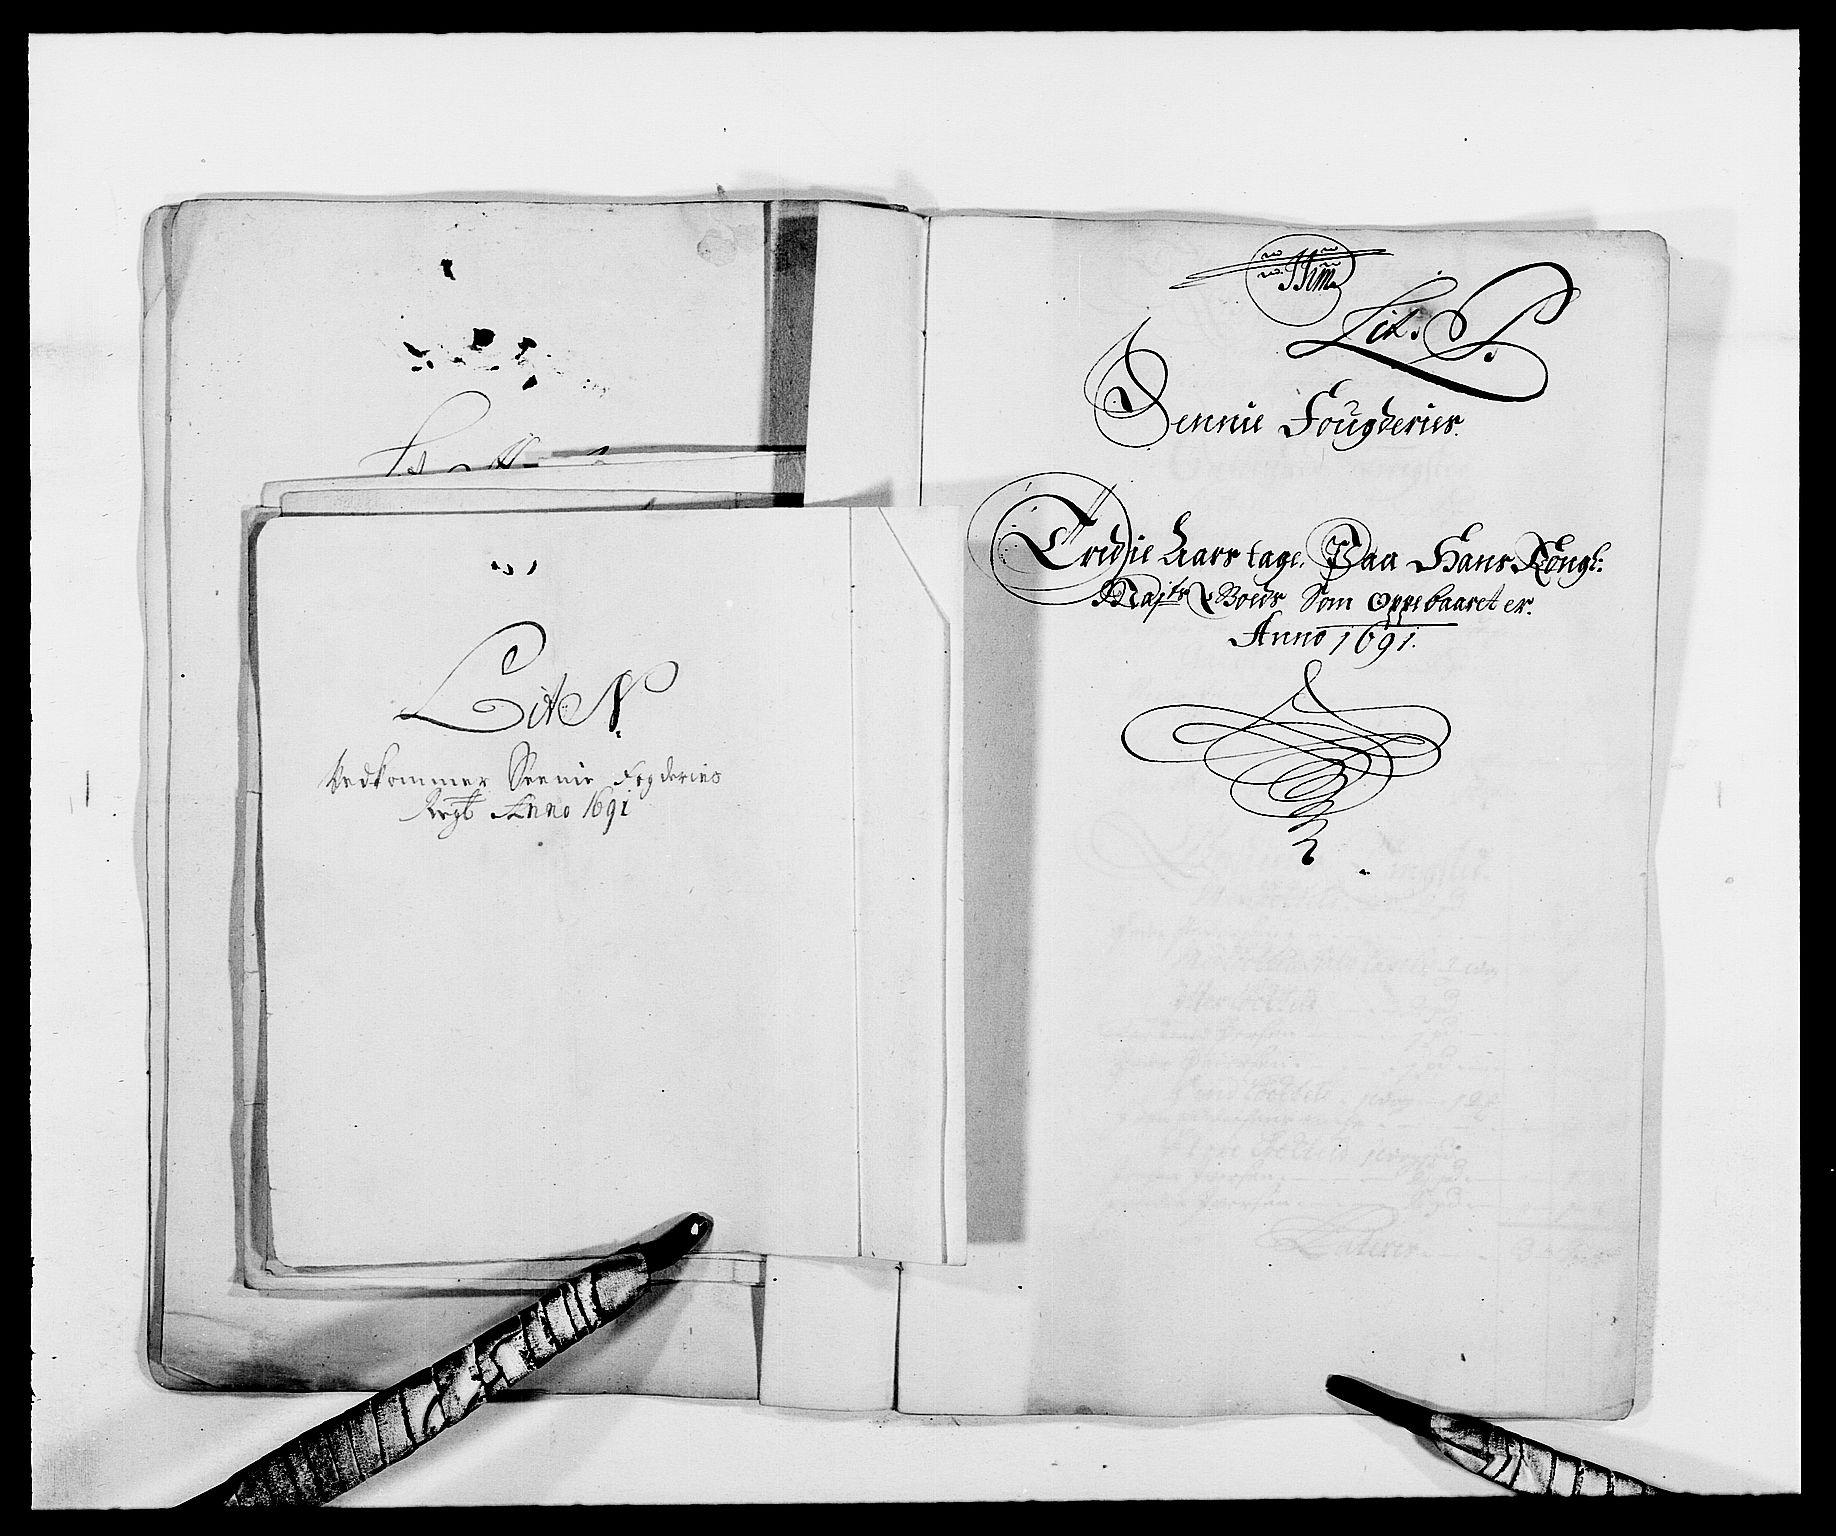 RA, Rentekammeret inntil 1814, Reviderte regnskaper, Fogderegnskap, R68/L4752: Fogderegnskap Senja og Troms, 1691-1693, s. 99